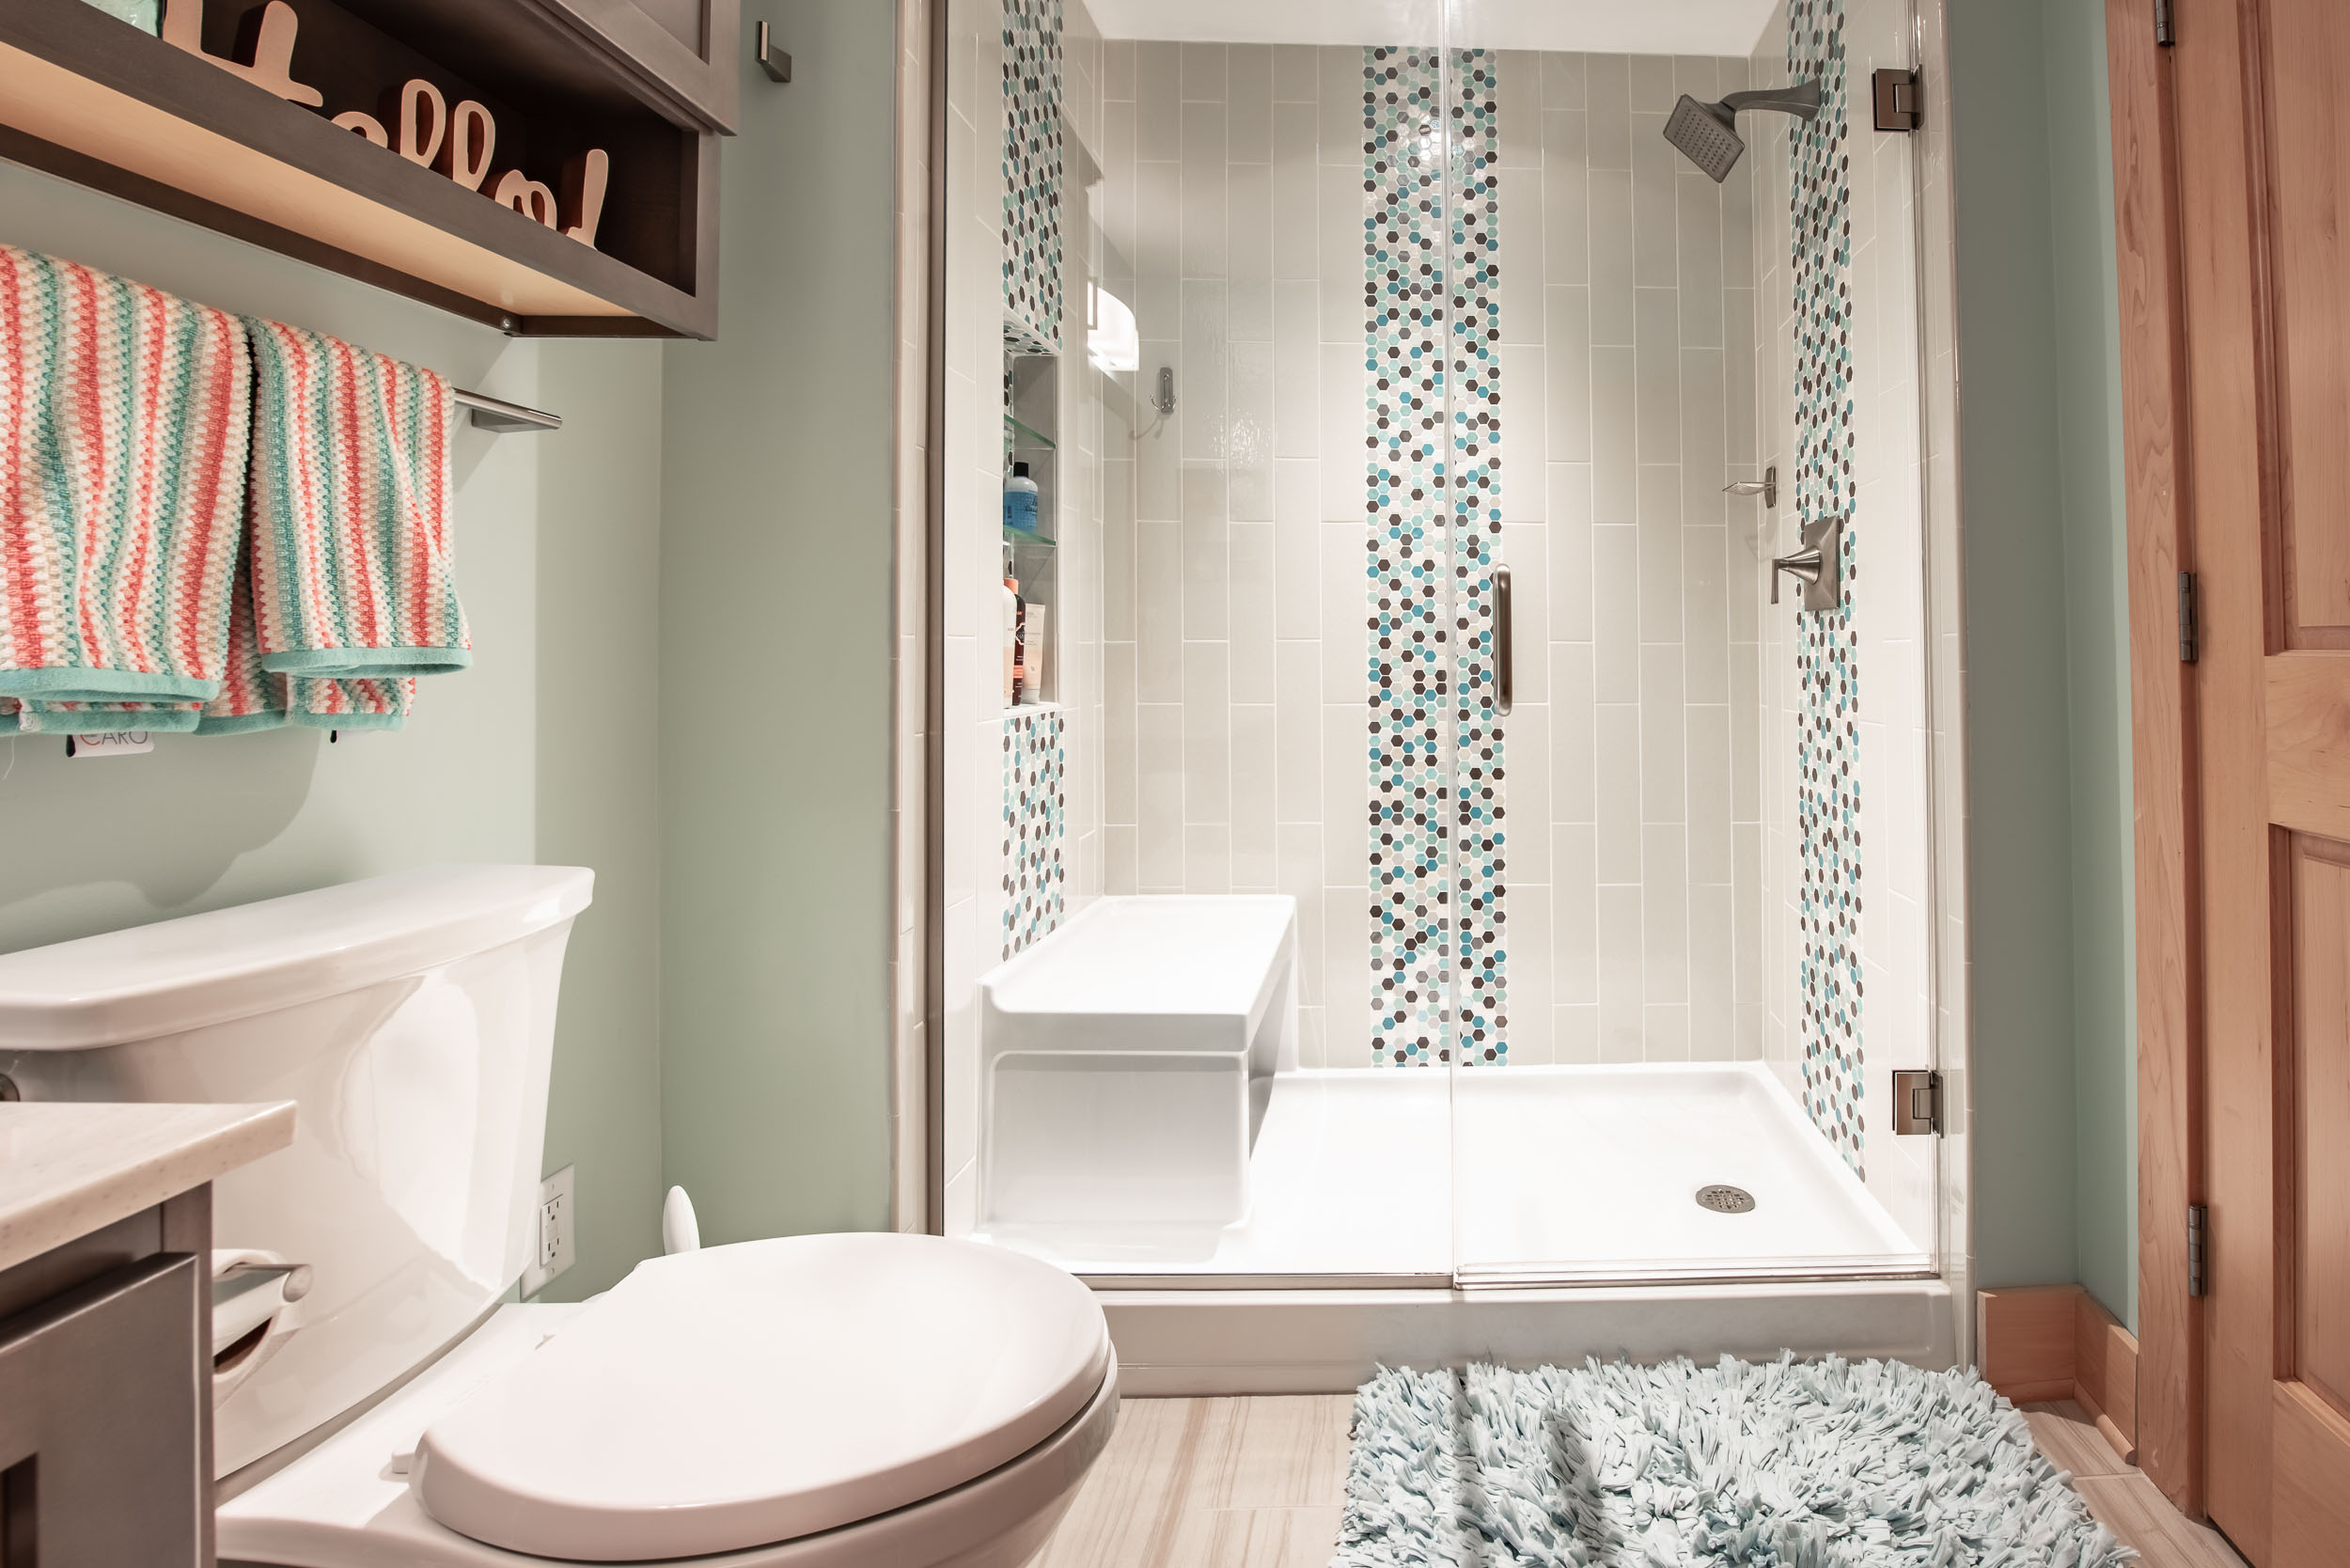 Condominium Master Bath Remodel